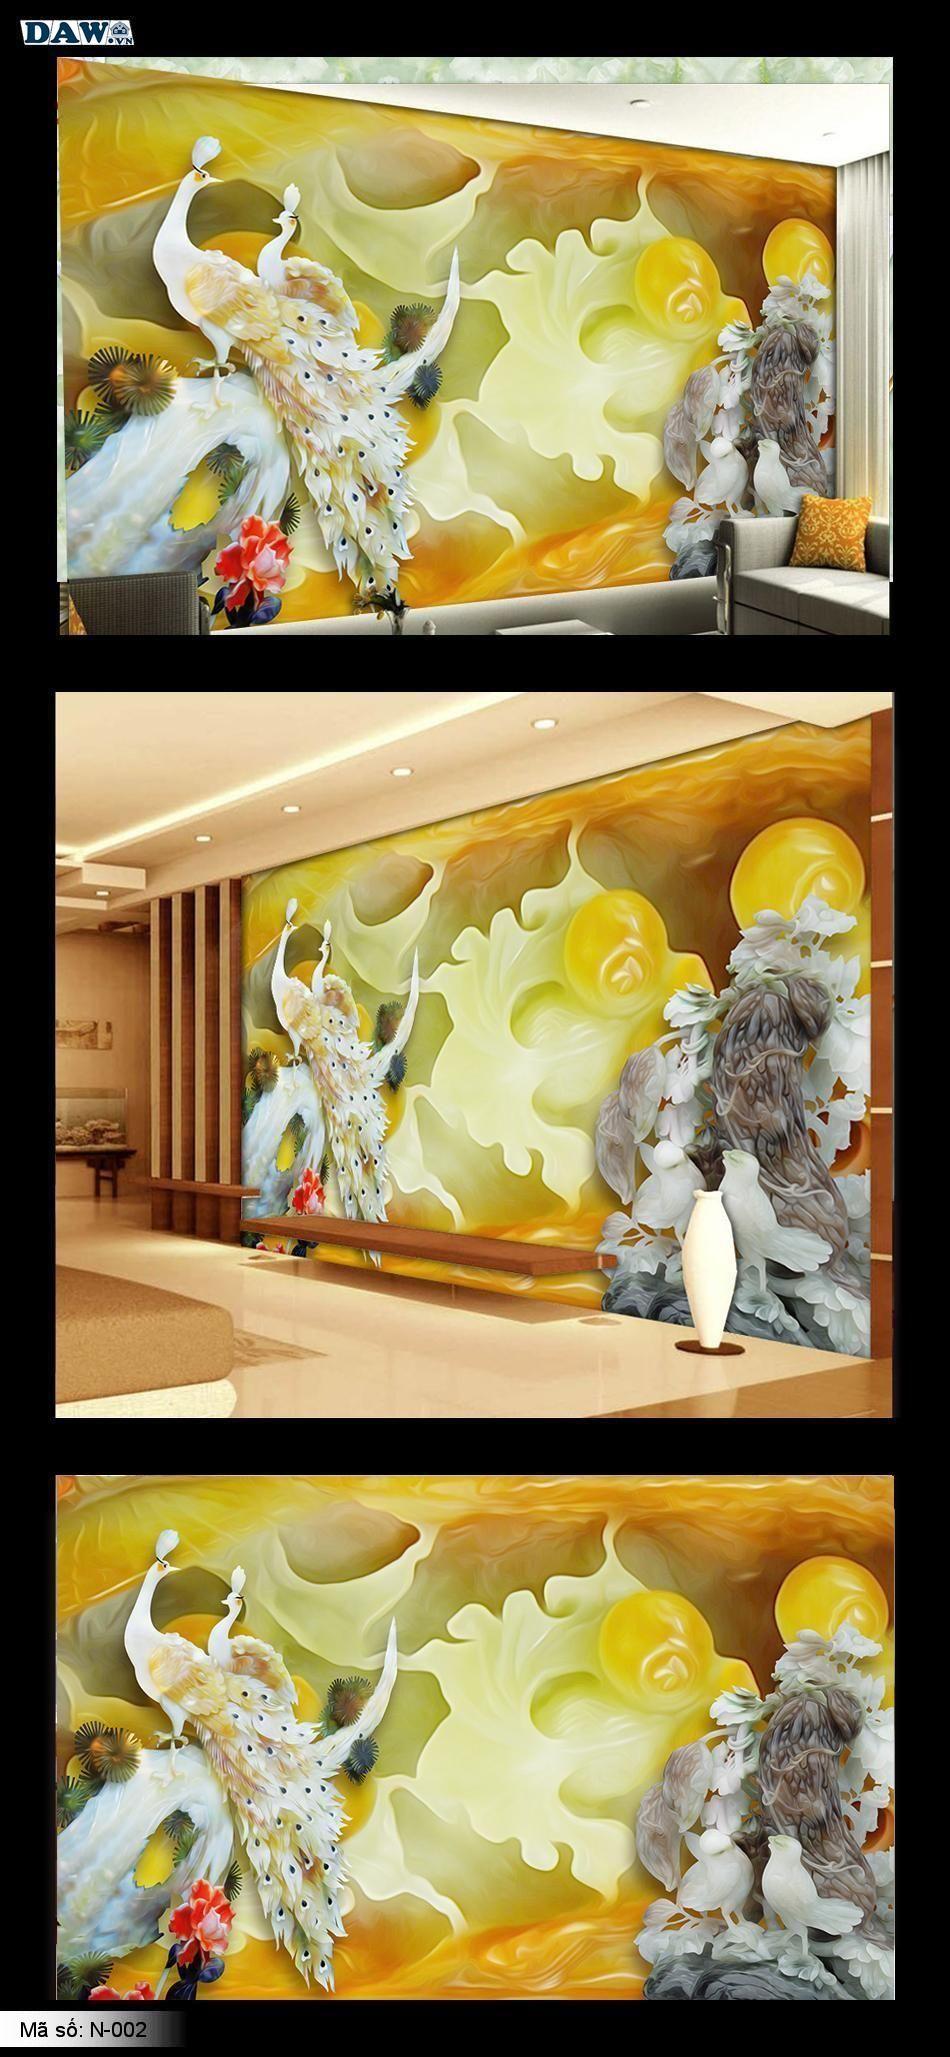 Tranh dán tường 3D, tranh ngọc bích, tranh hoa sen, câu đối N-002